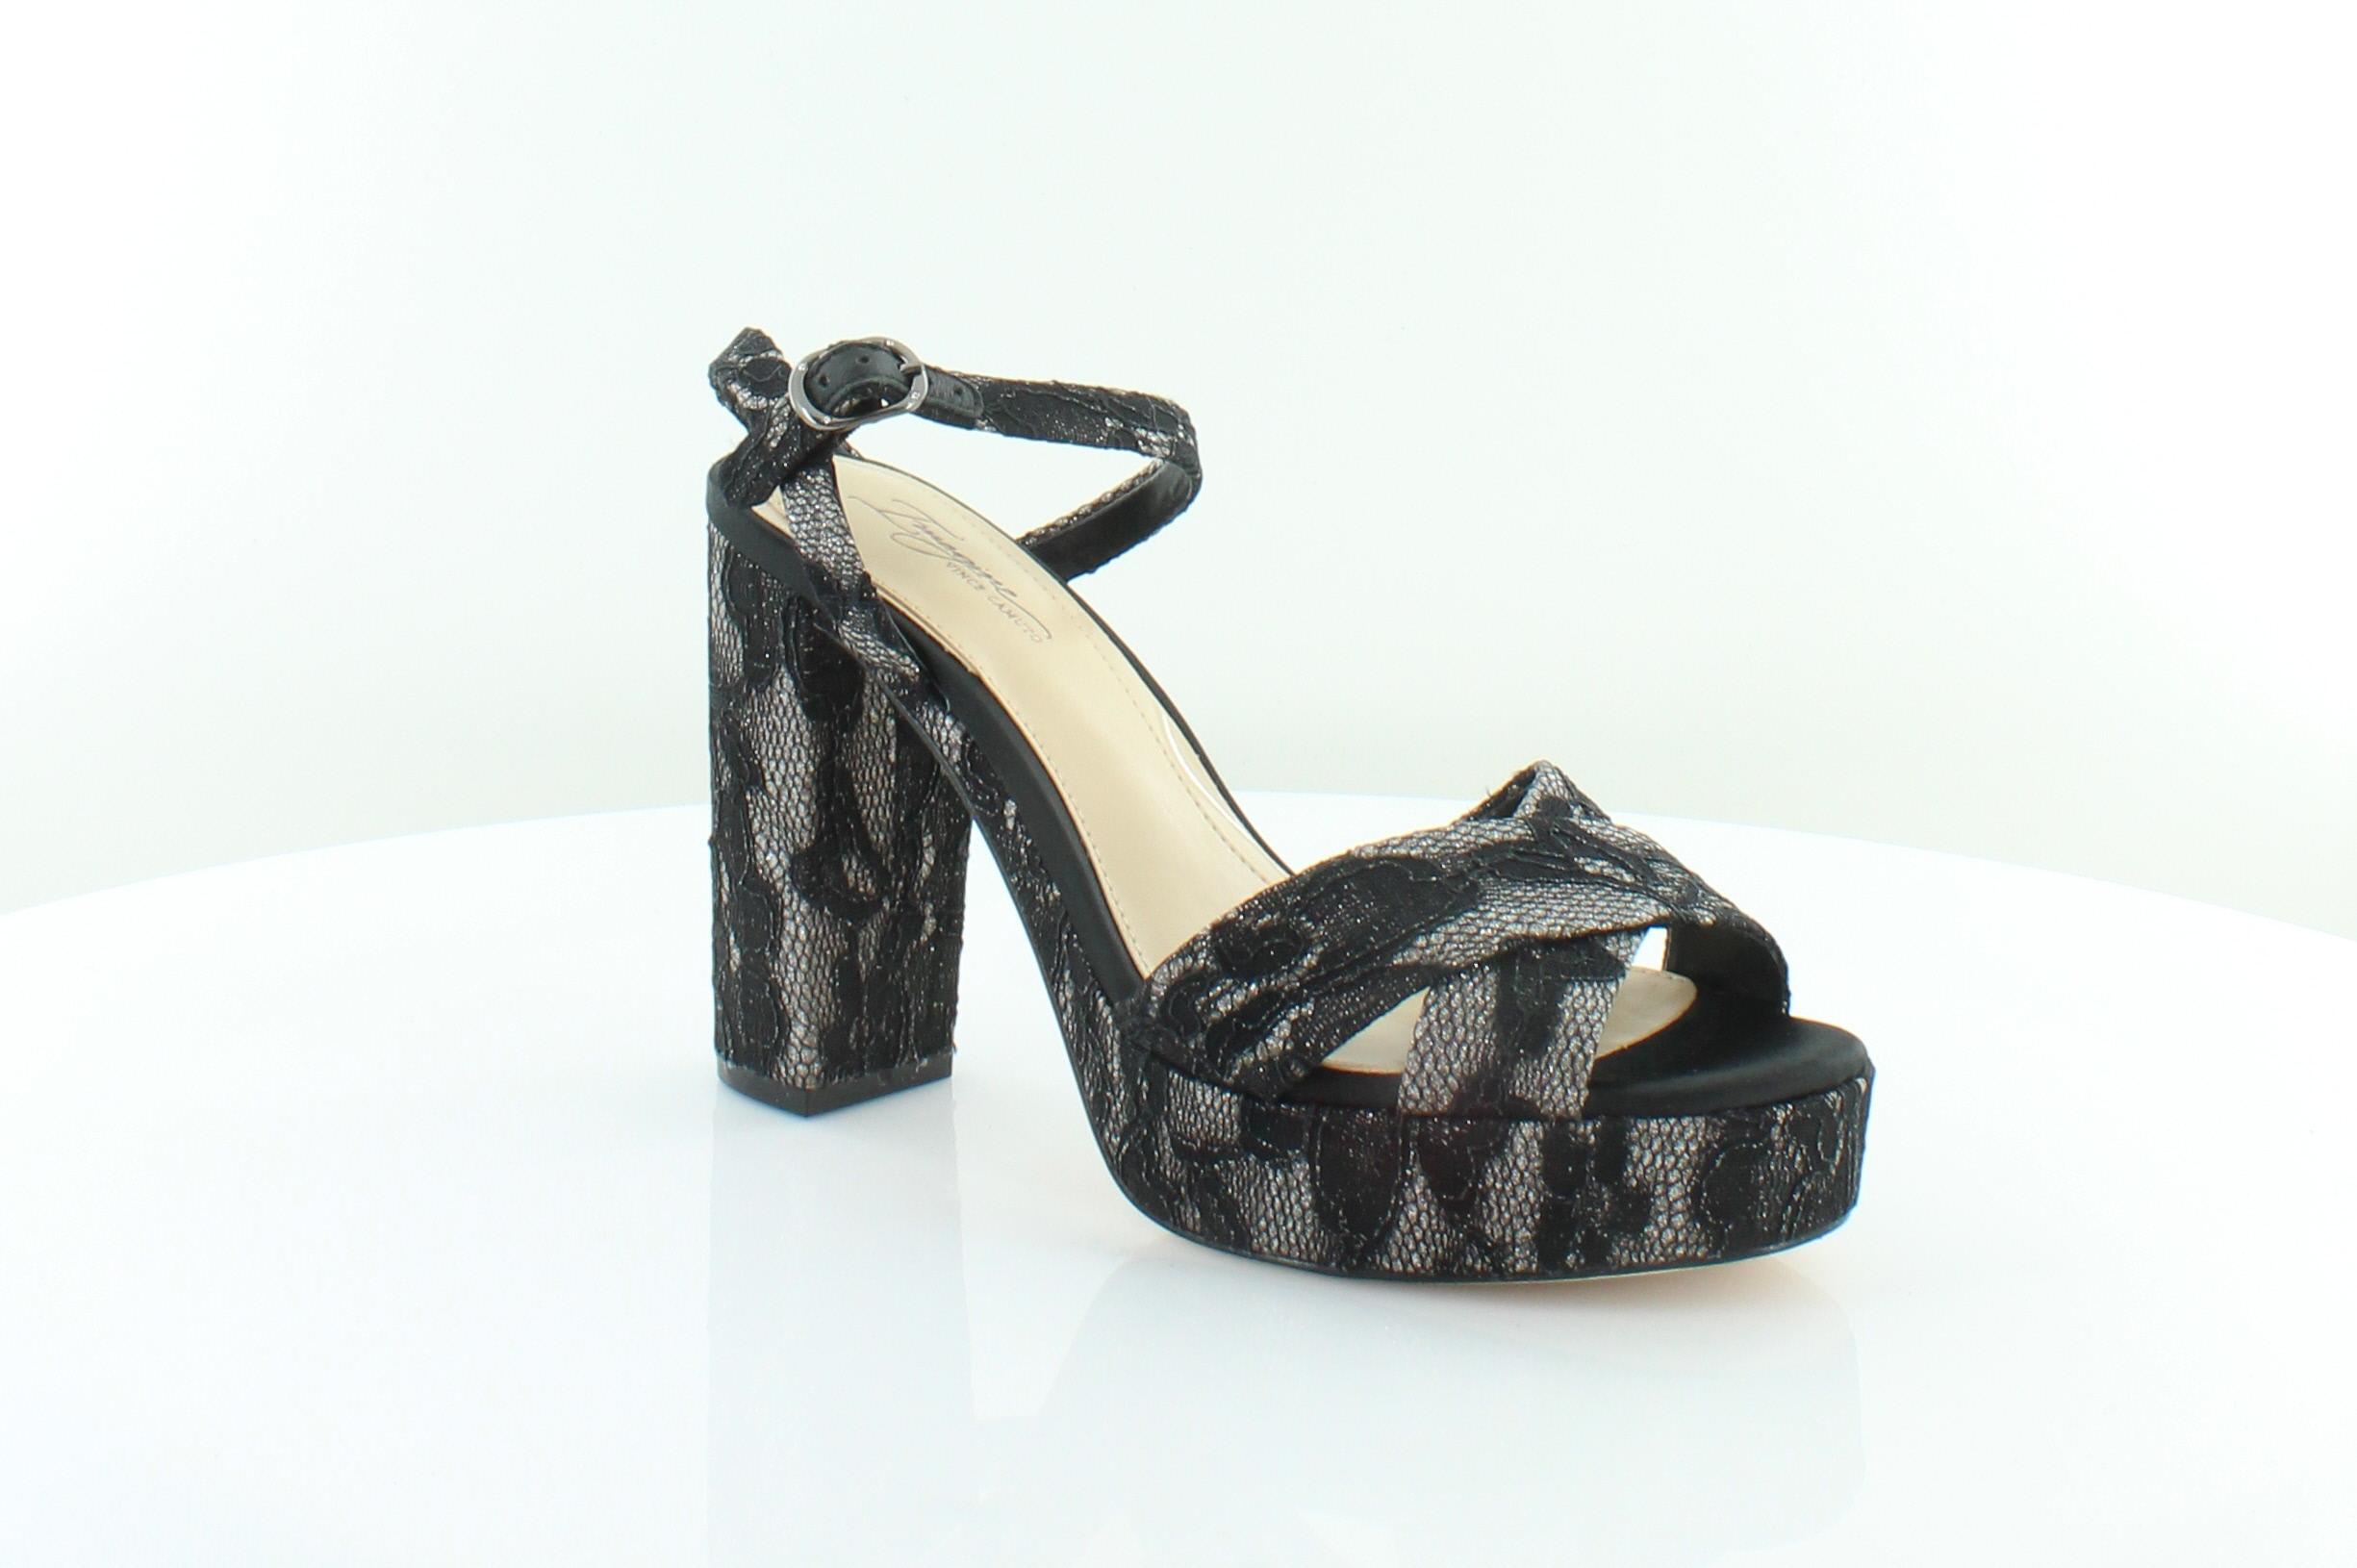 compra meglio Imagine Vince Camuto Valora nero donna scarpe Dimensione 8.5 M M M Sandals MSRP  140  ti aspetto